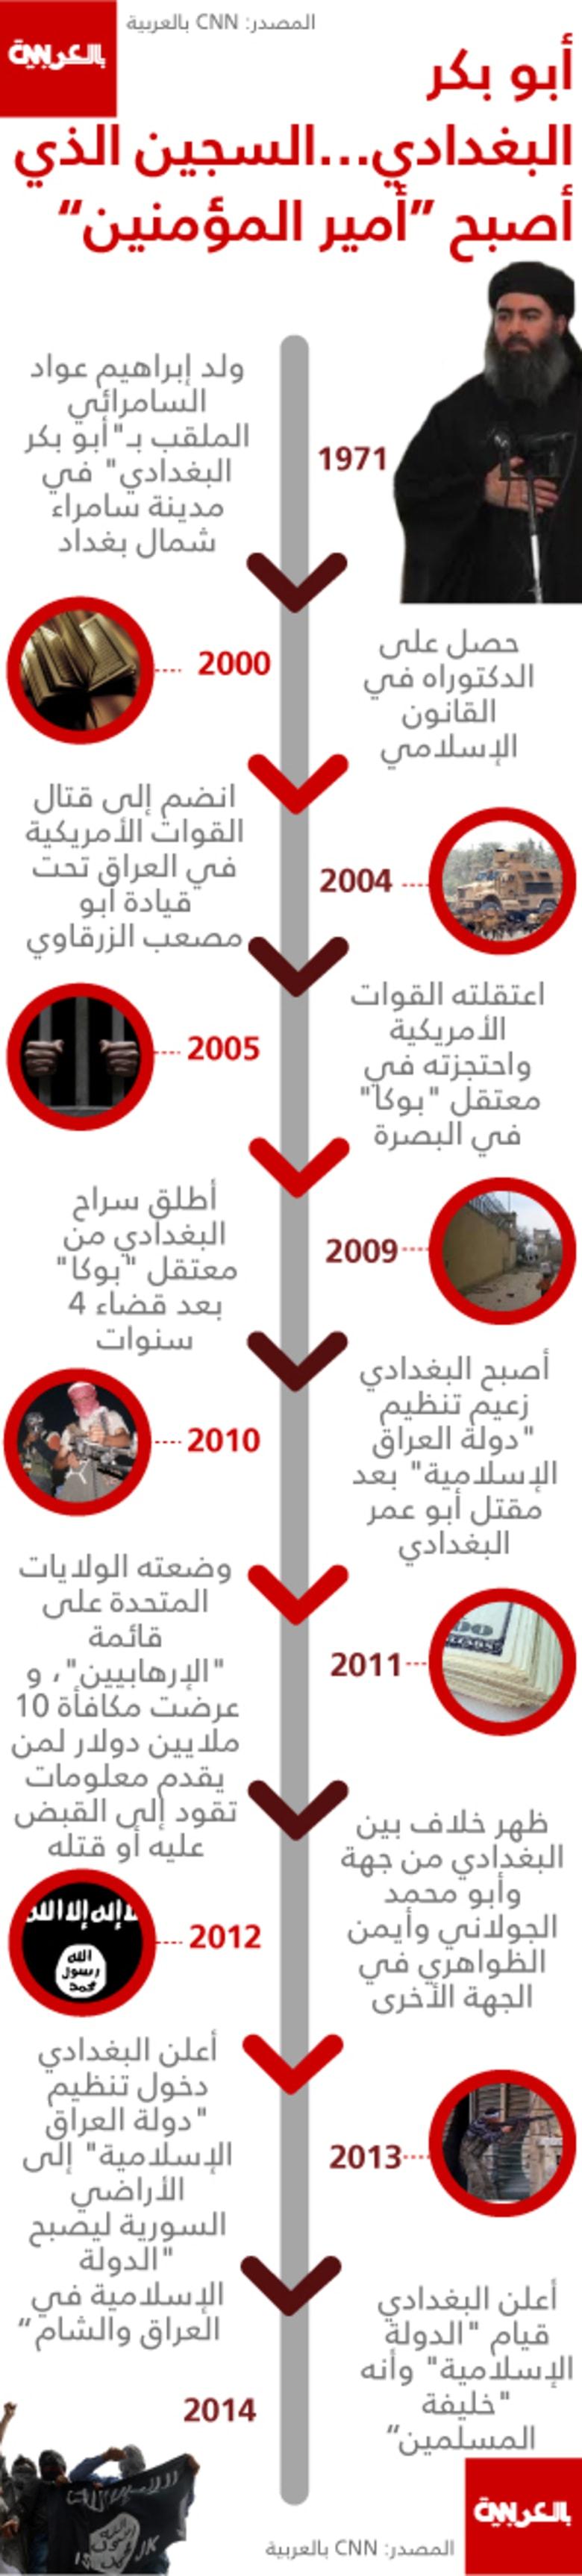 """أبو بكر البغدادي.. السجين الذي أصبح """"أميراً للمؤمنين"""""""